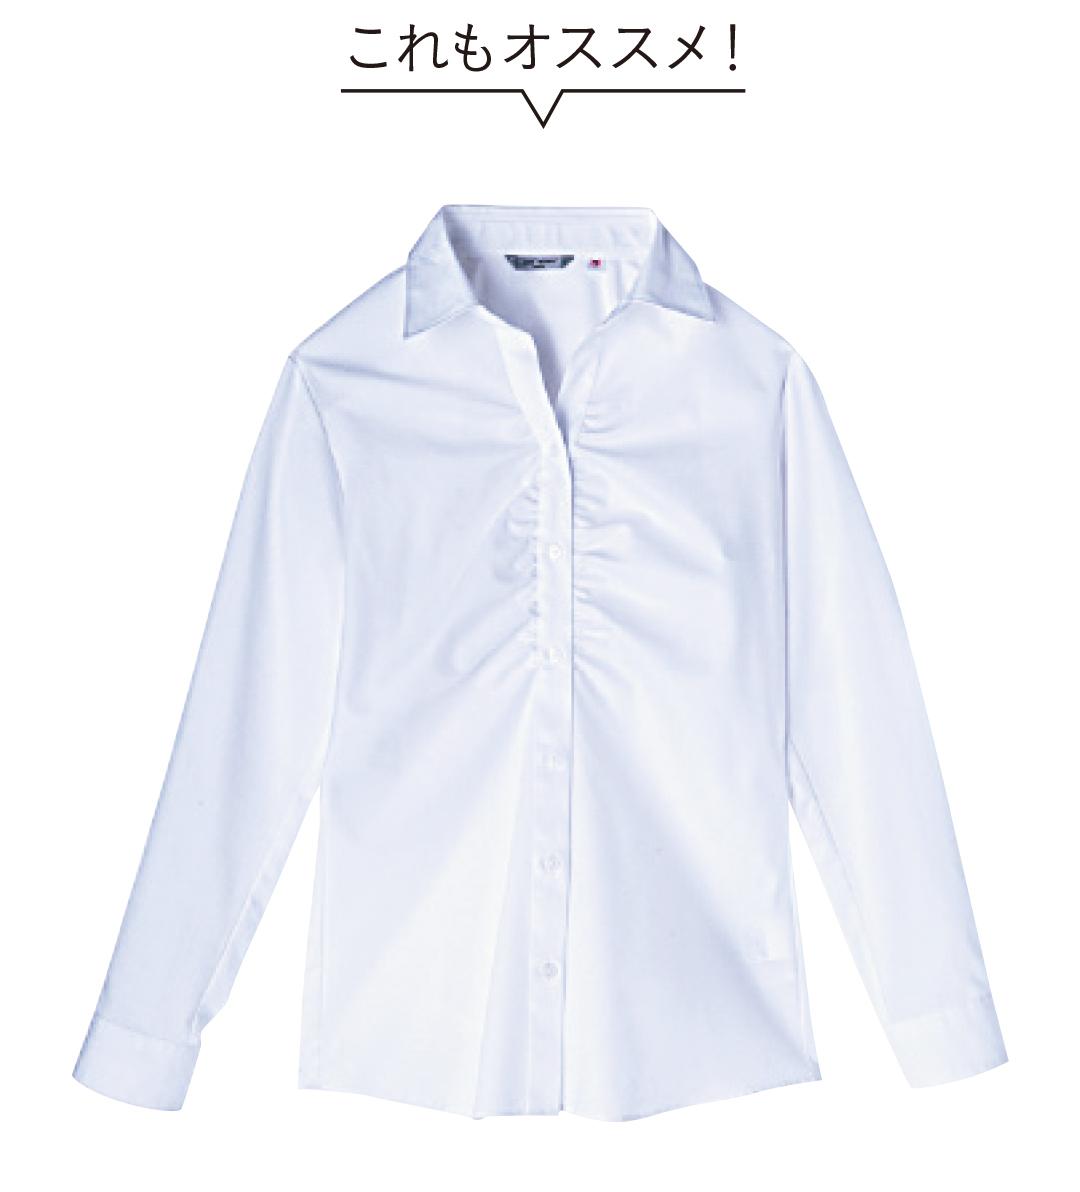 きちんと派のオフィスコーデ♡ シャツの着回し&おすすめをチェック!_1_3-3